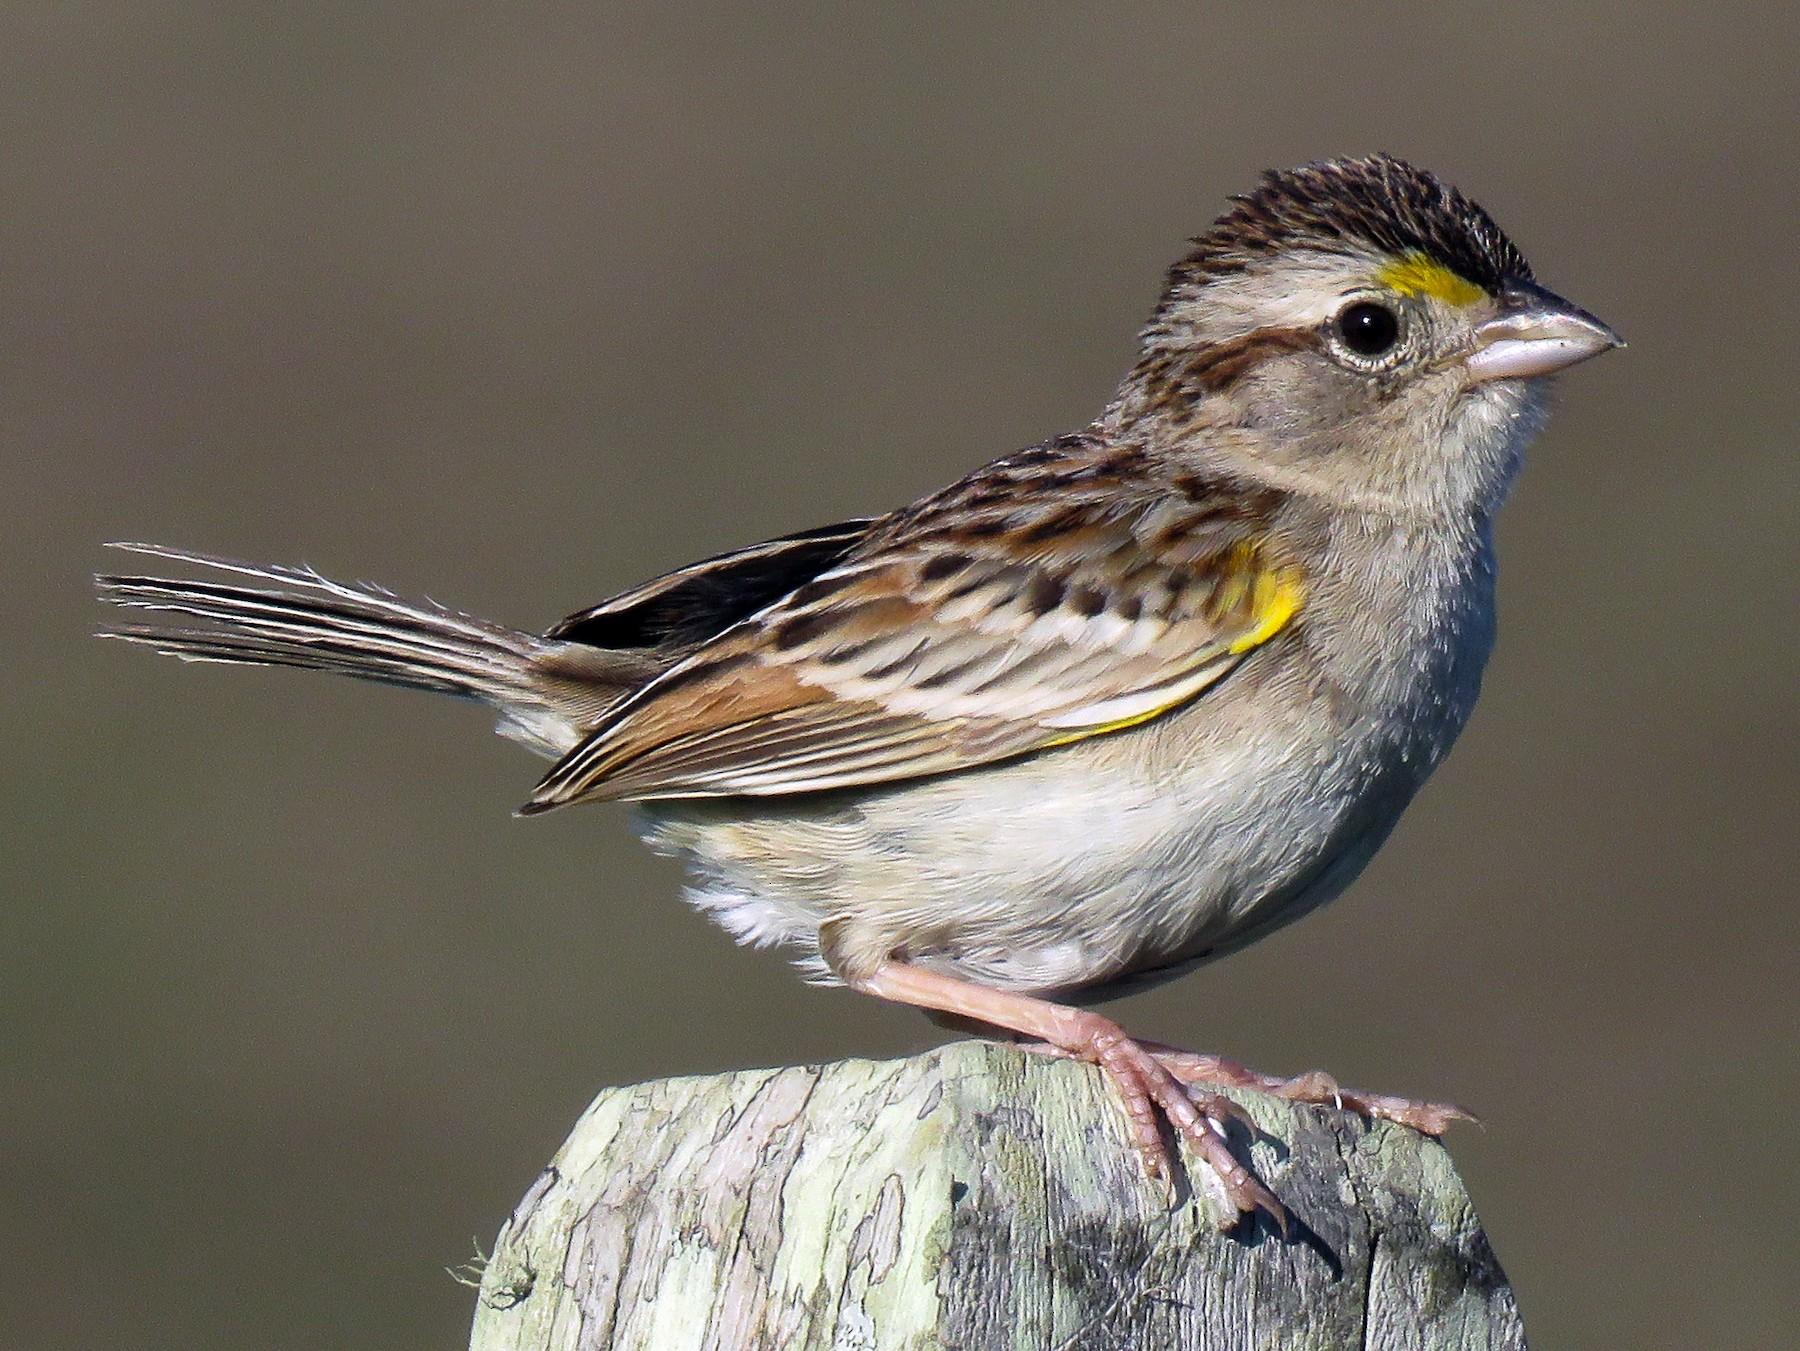 Grassland Sparrow - Raphael Kurz -  Aves do Sul